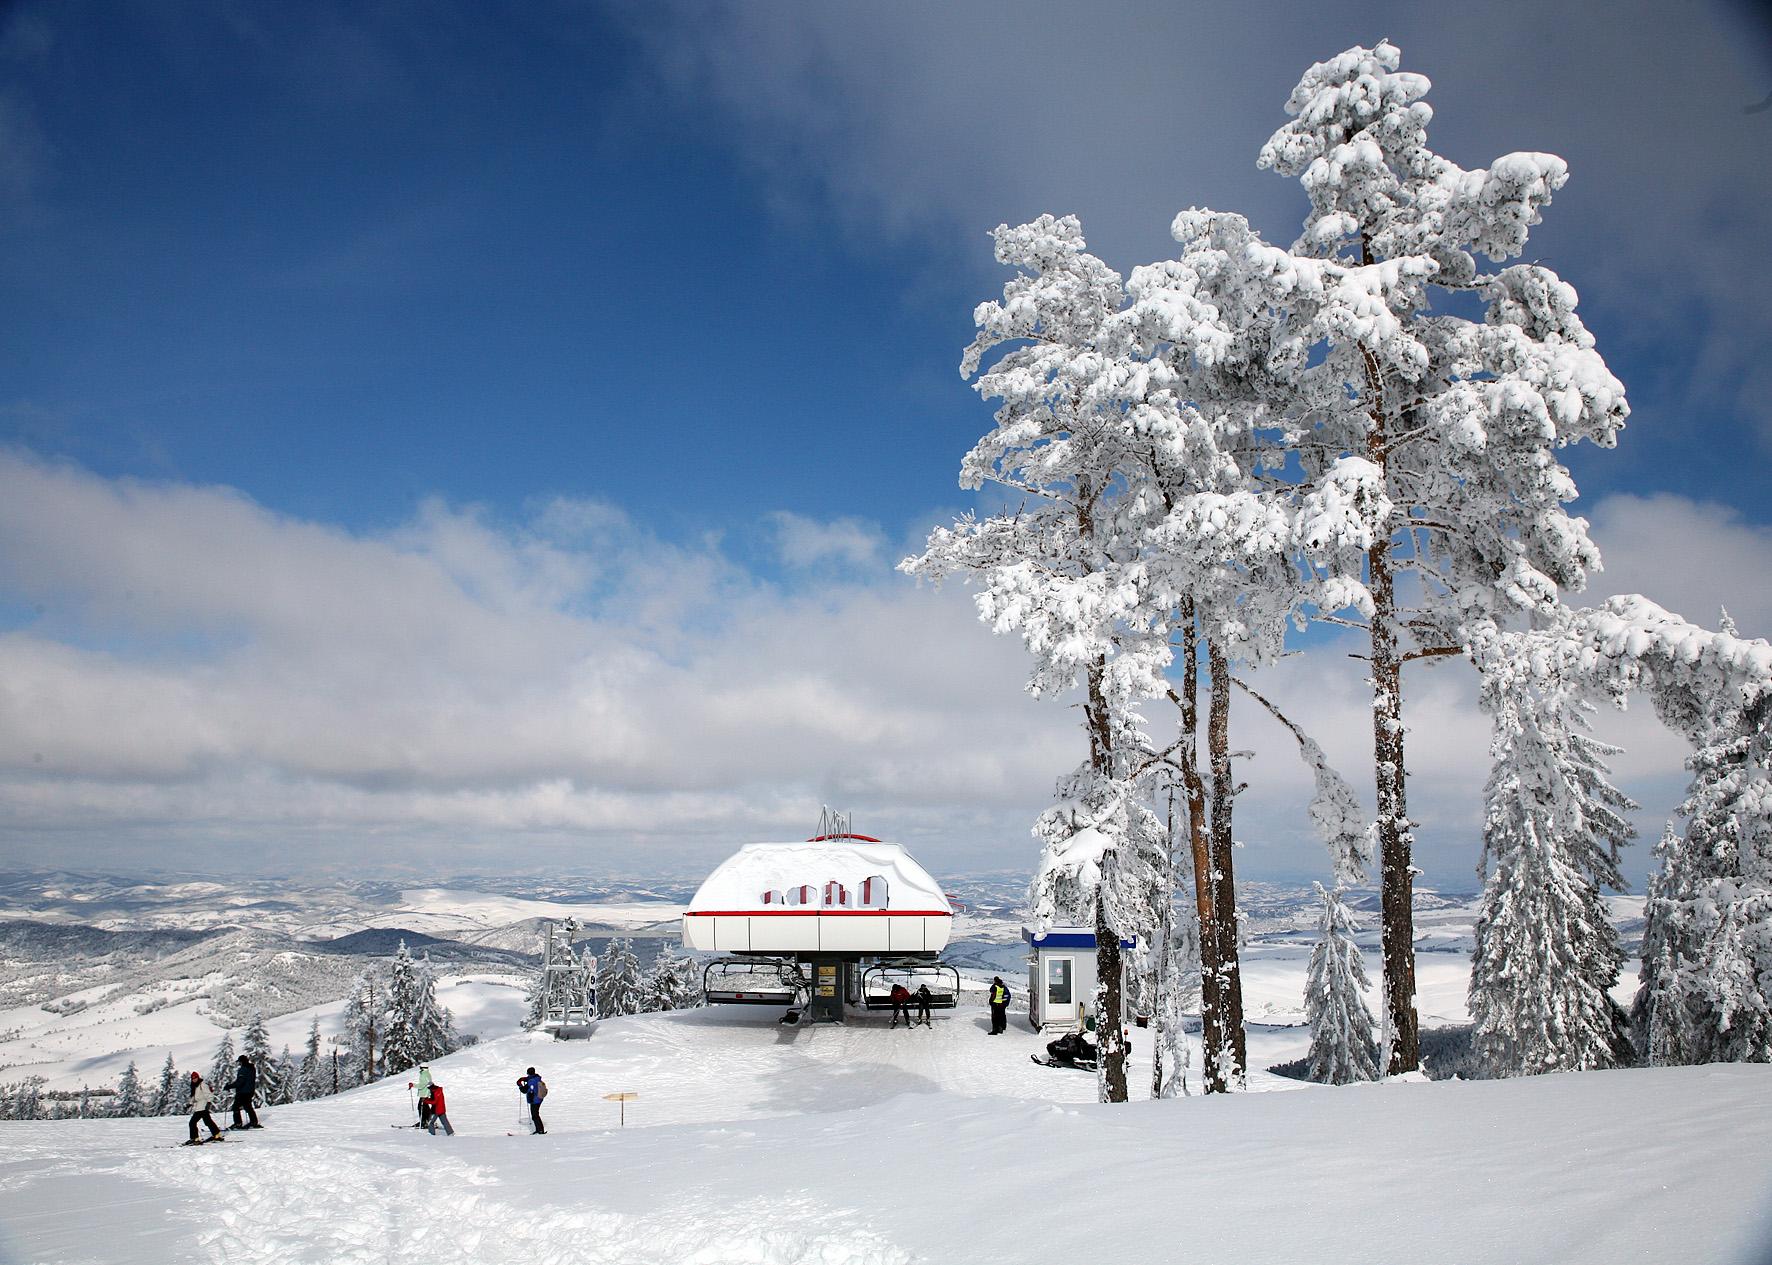 2-Tornik-skijanje.jpg